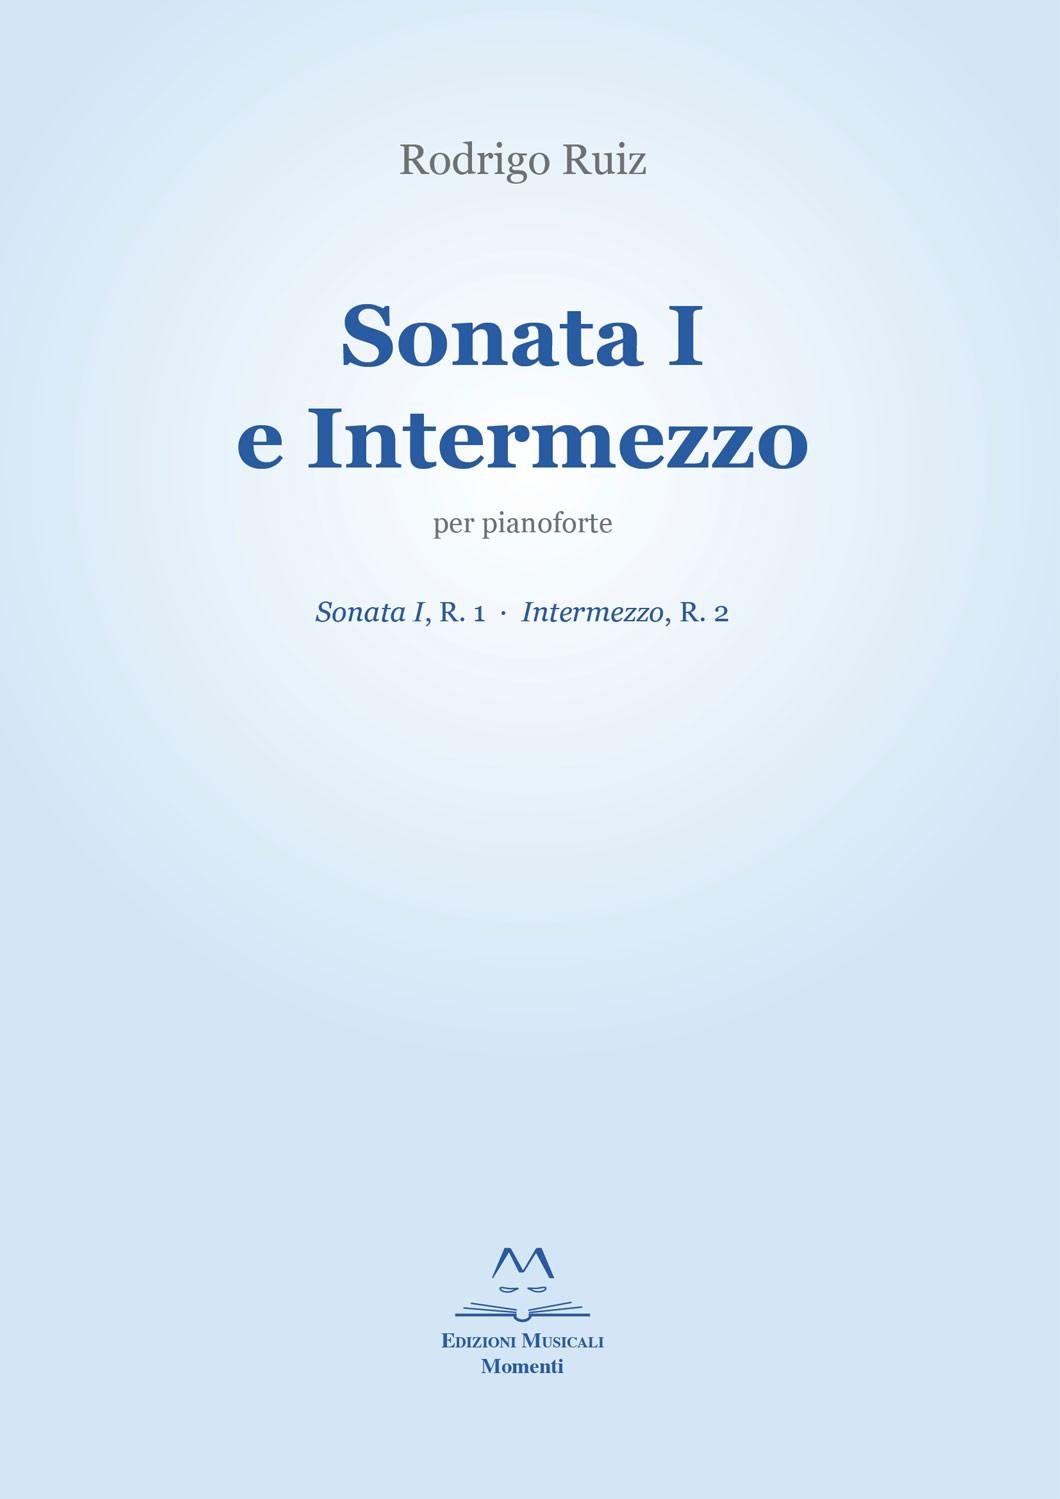 Sonata I e Intermezzo di Rodrigo Ruiz